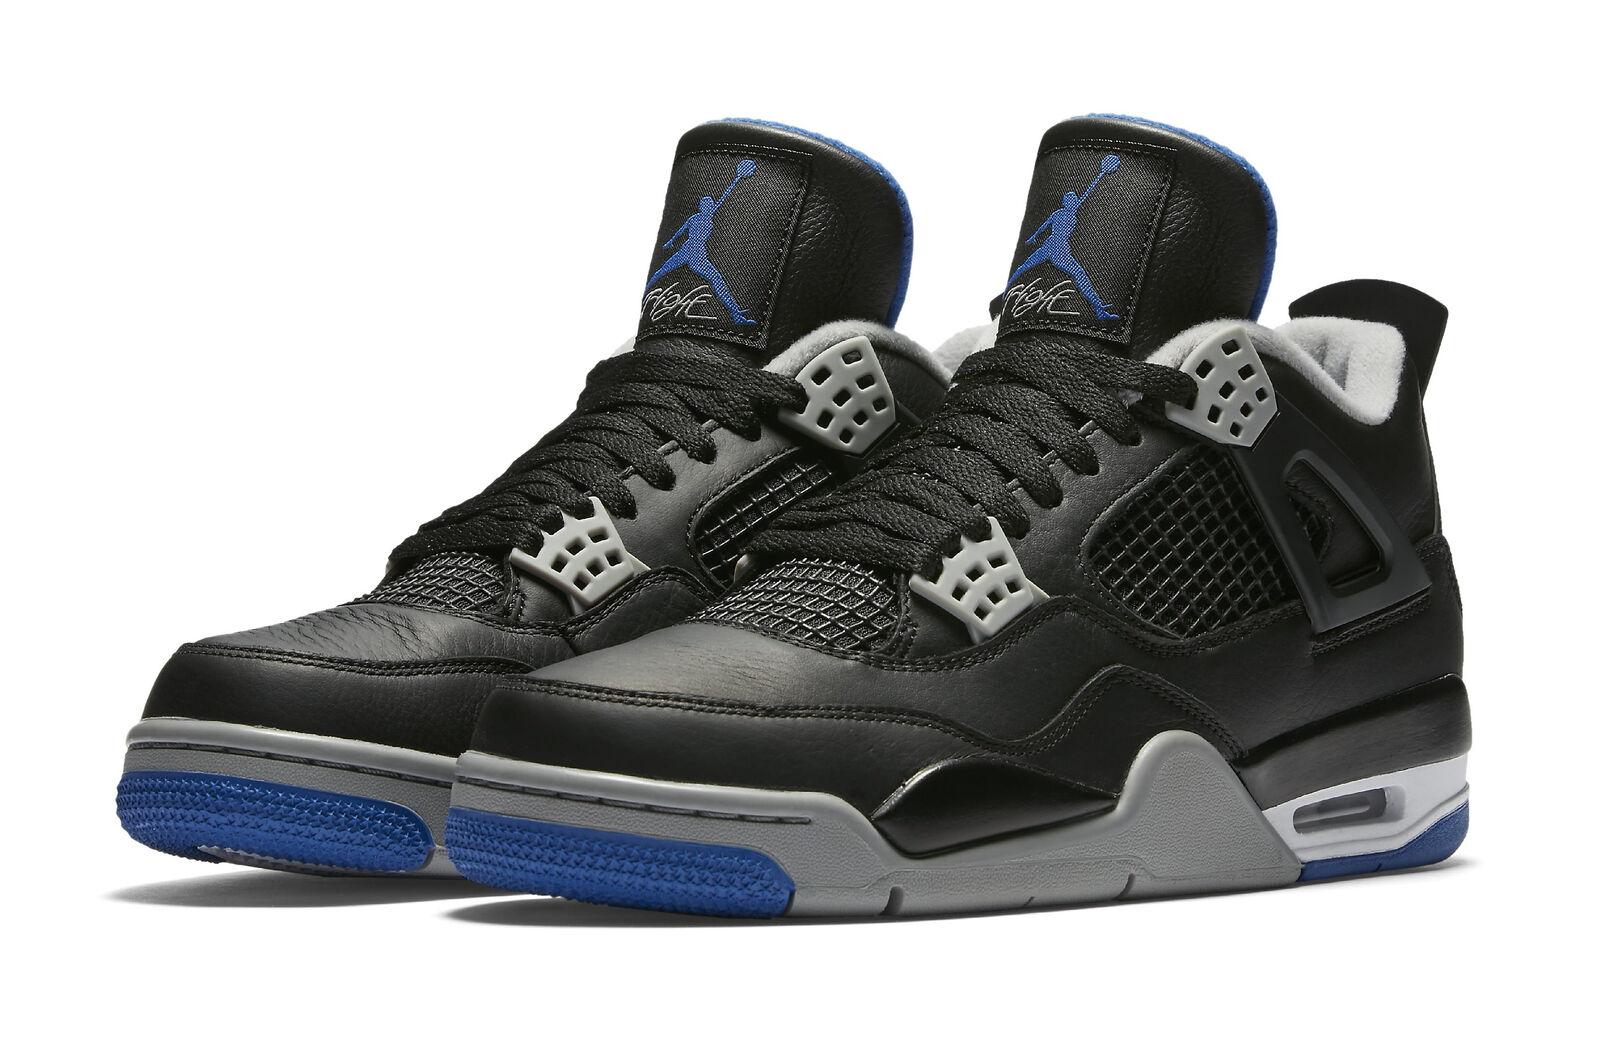 63d6db32199b Nike Men s Air Jordan 4 Retro Sneakers - Size 11 US